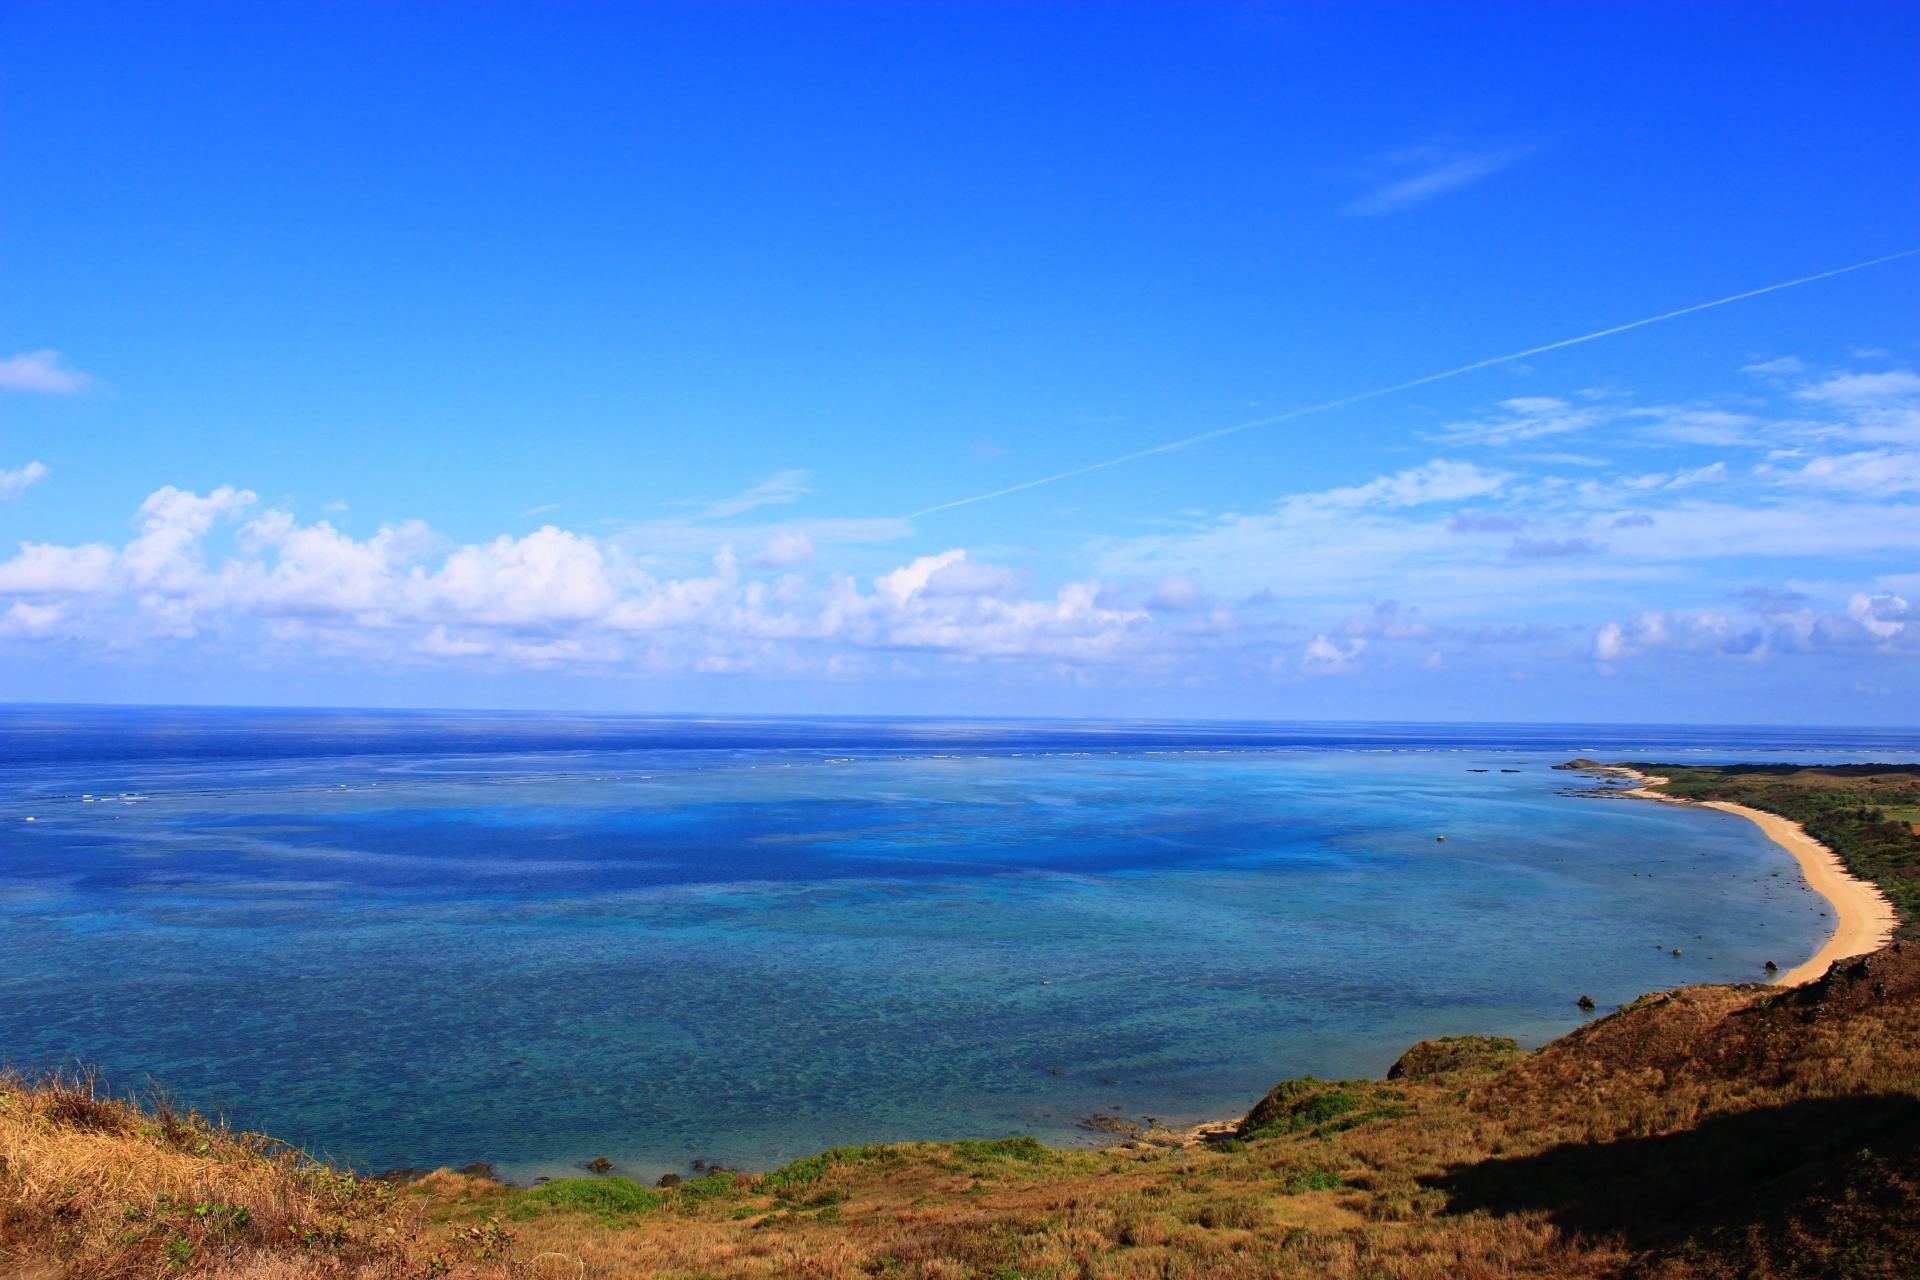 プライベートビーチ気分を味わえる平久保集落先の浜